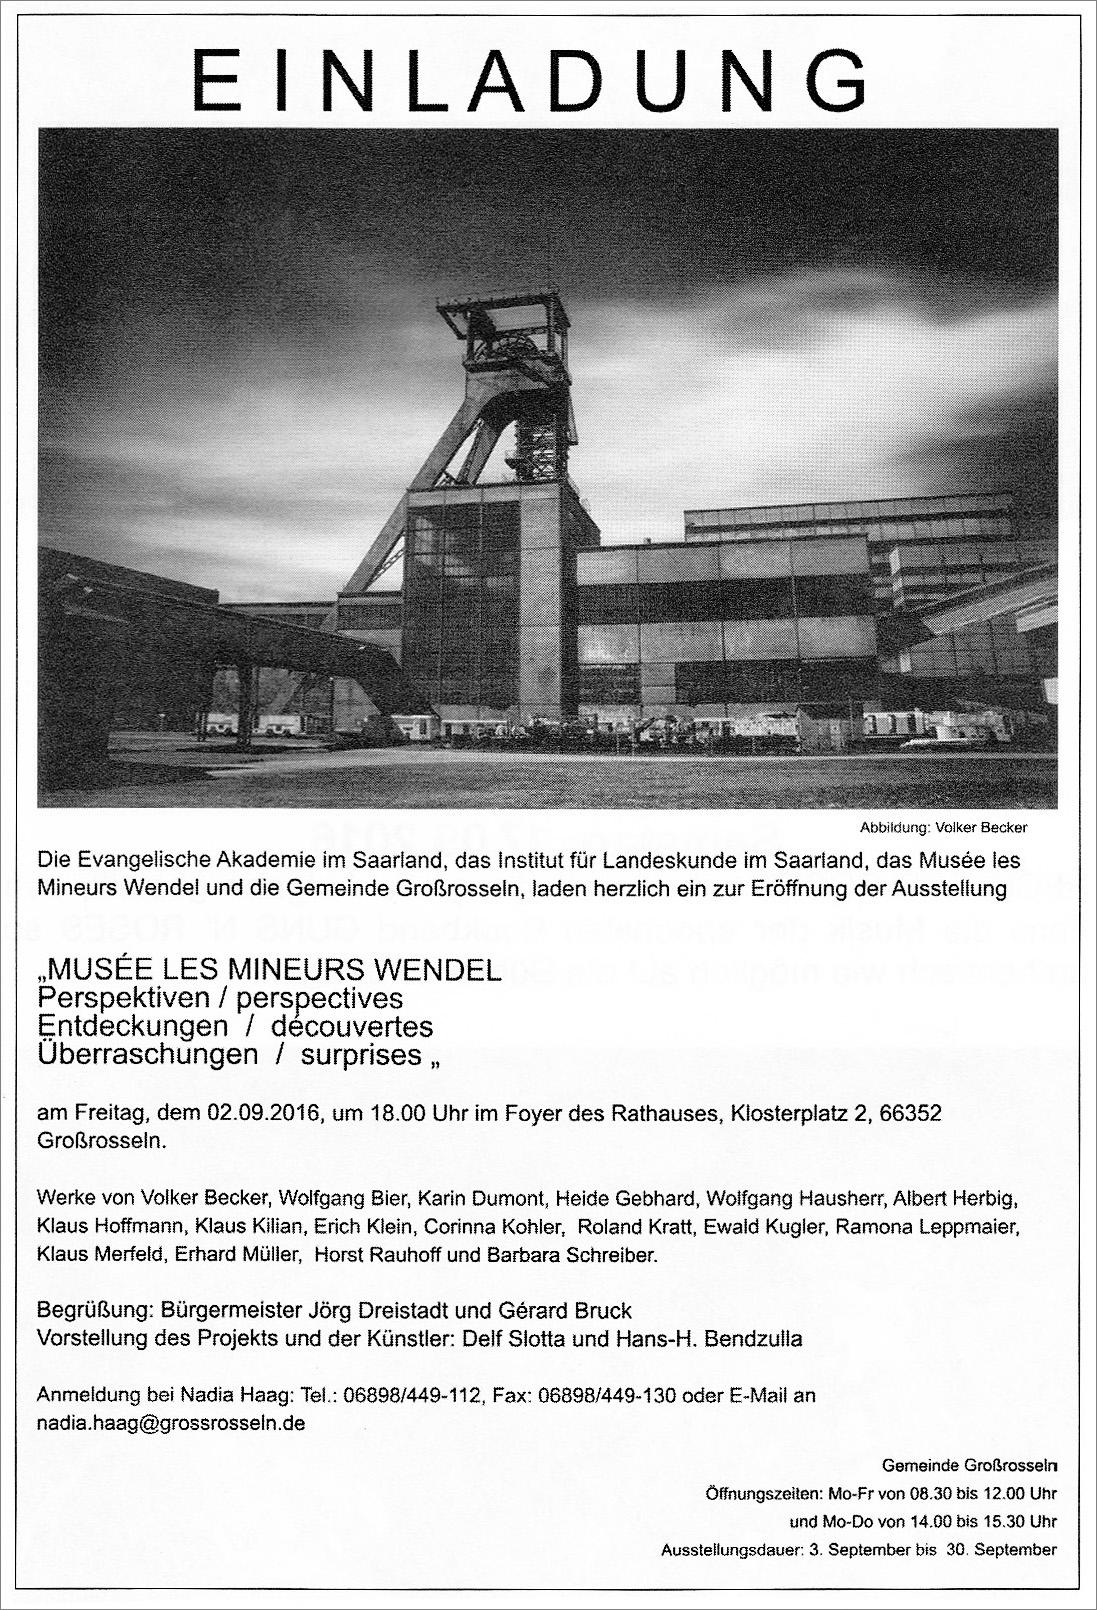 Scan vom Gemeinde-Journal-Großrosseln-Nr. 30/2016